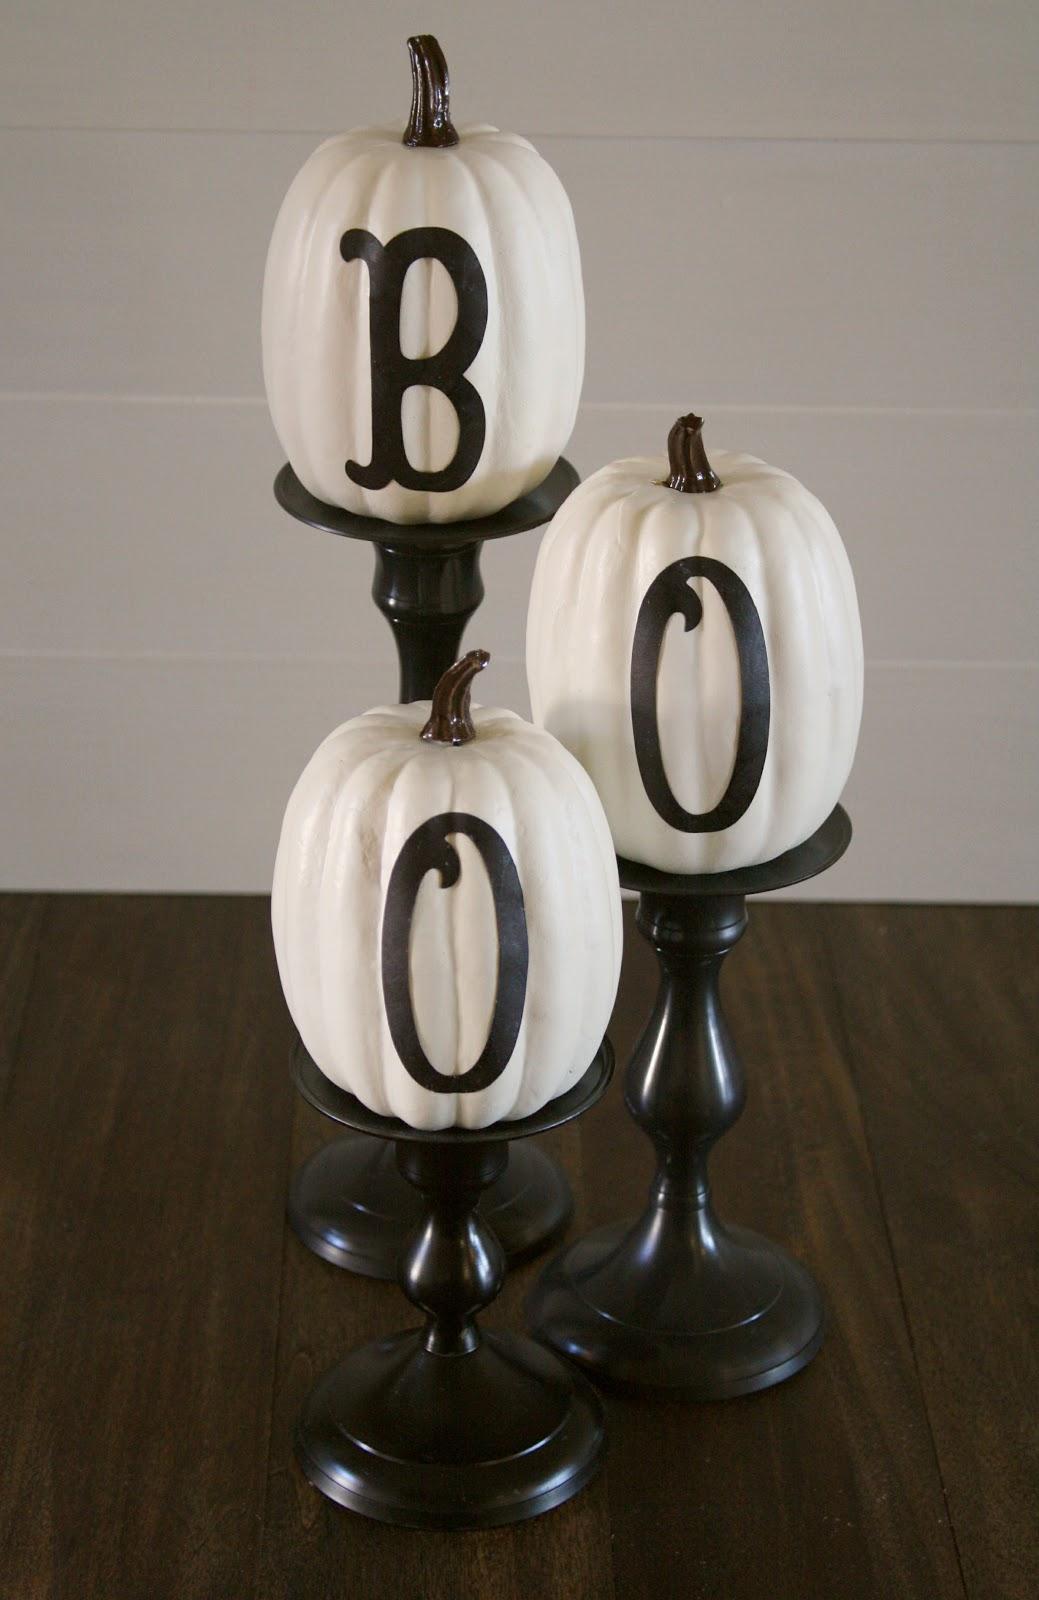 Halloween indoor decorations ideas - 6 Stylish Letters Sweeten Pumpkins